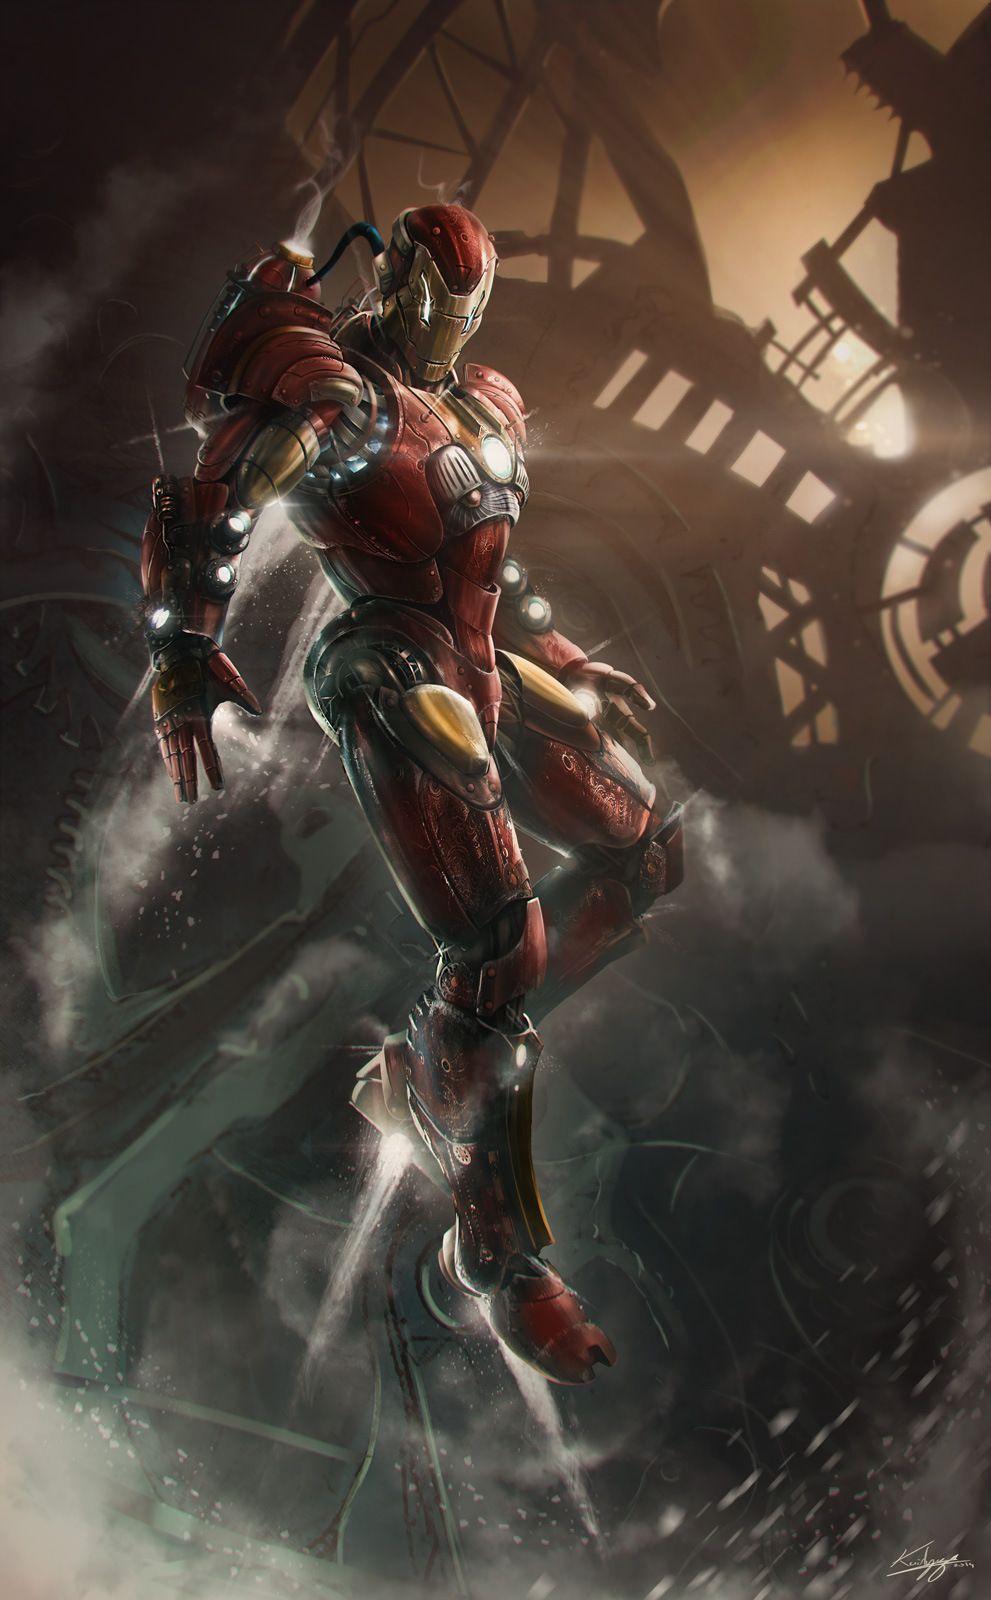 Iron Man ↩☾それはすぐに私は行くべきである。 ∑(O_O;) ☕ upload is LG G5/2016.10.06 with ☯''地獄のテロリスト''☯ (о゚д゚о)♂